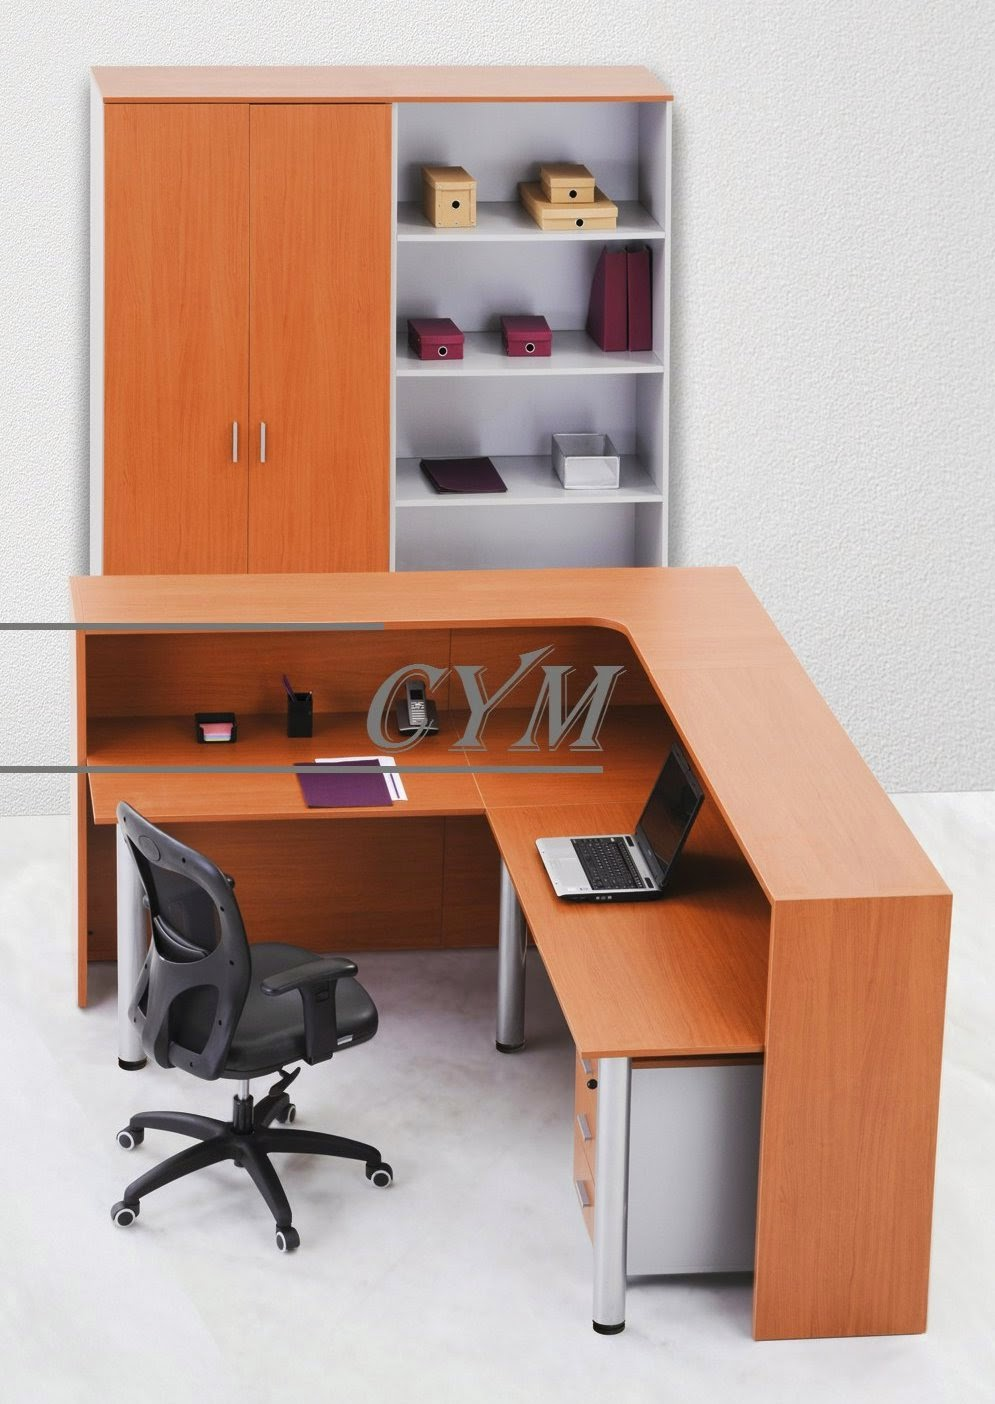 Muebles de oficina for Muebles de oficina madrid baratos